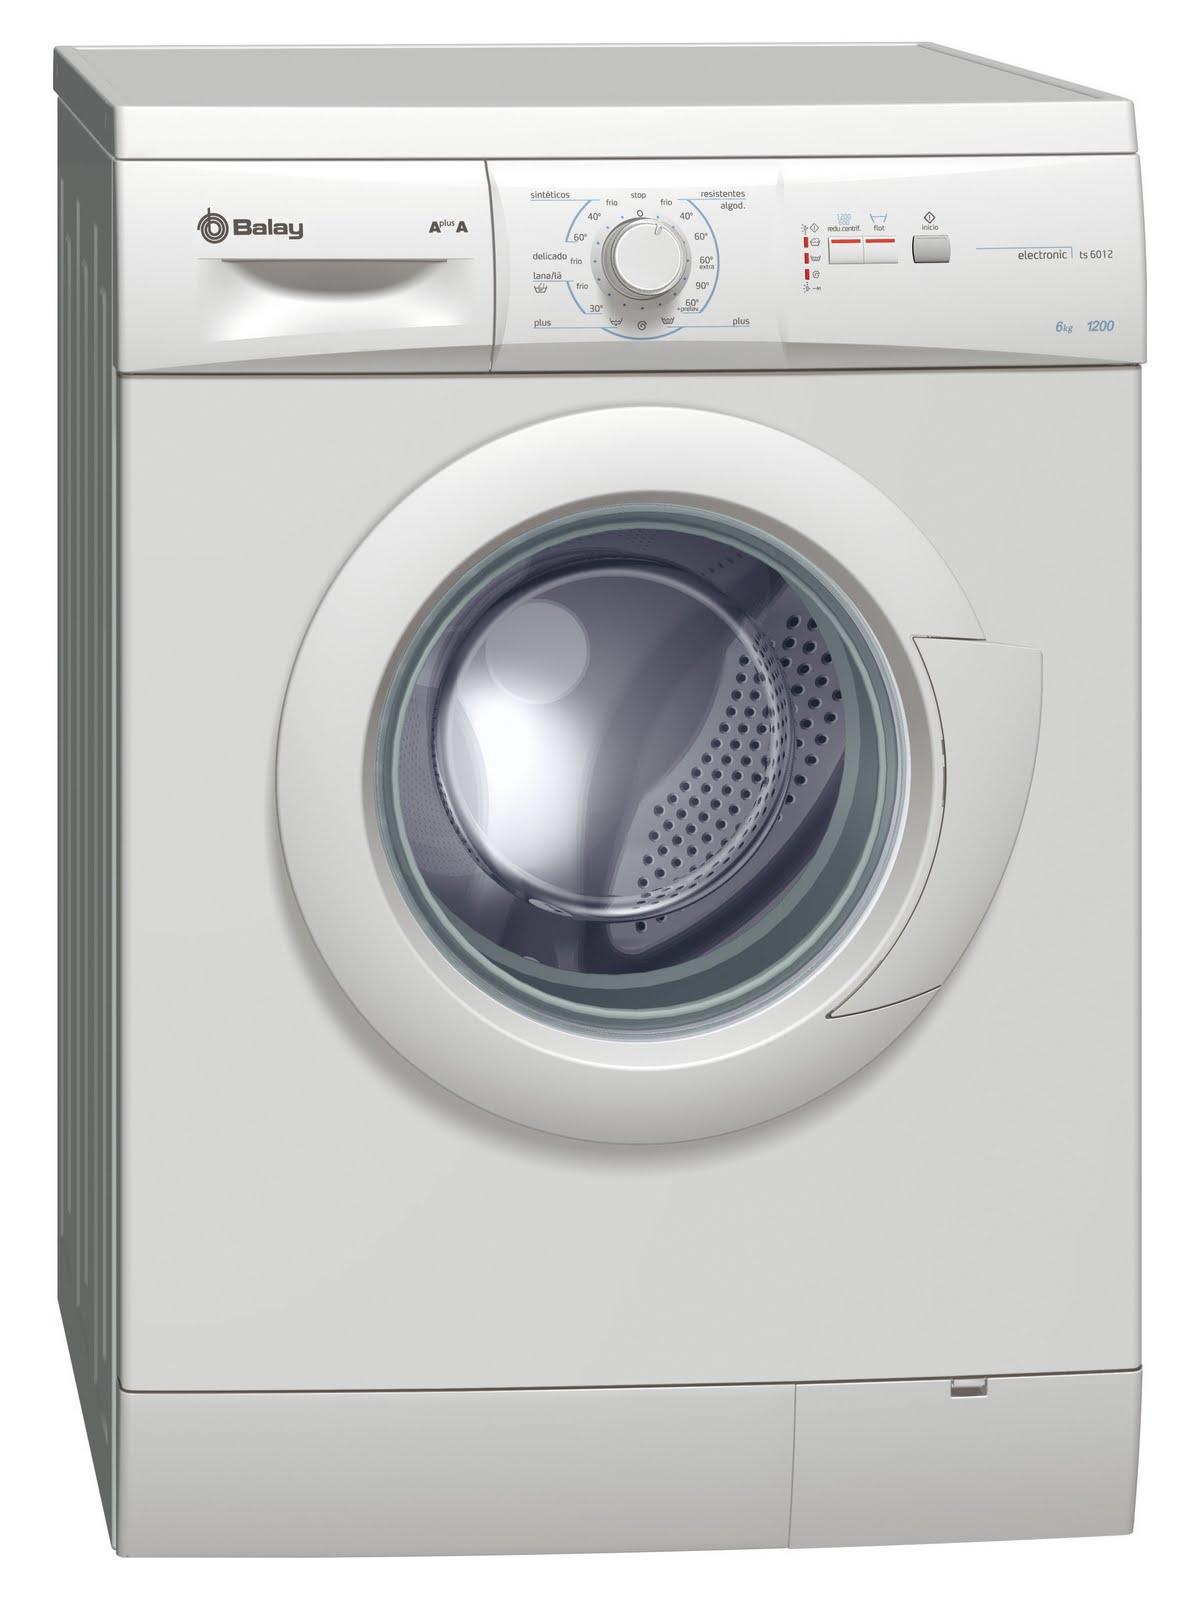 Presuntamente as es la vida lavadora for Funcion de la lavadora